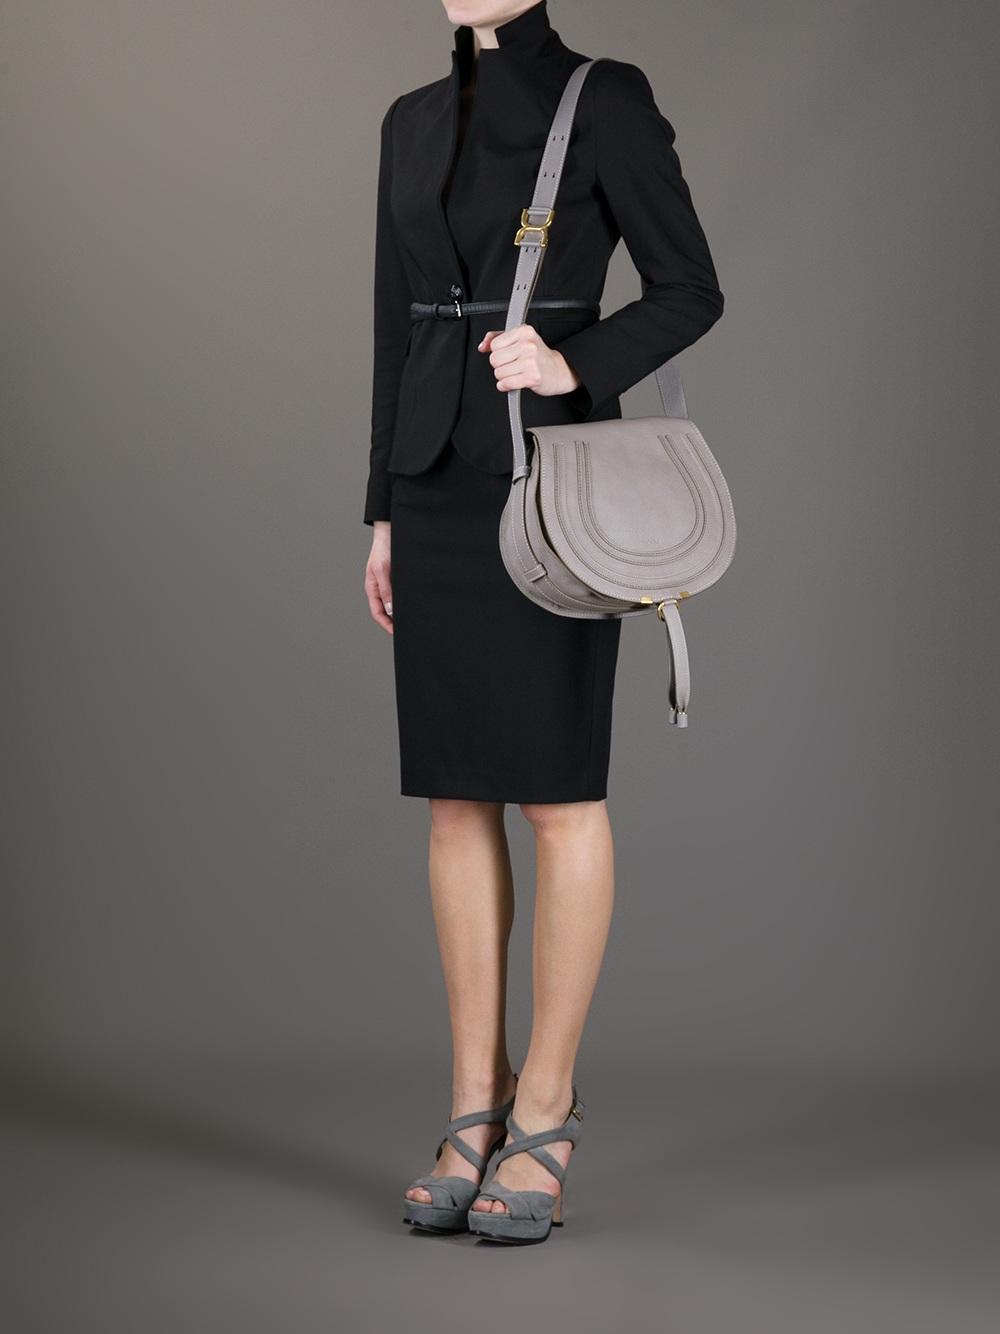 041feb5fa04 Chloé Marcie Cross Body Bag in Gray - Lyst